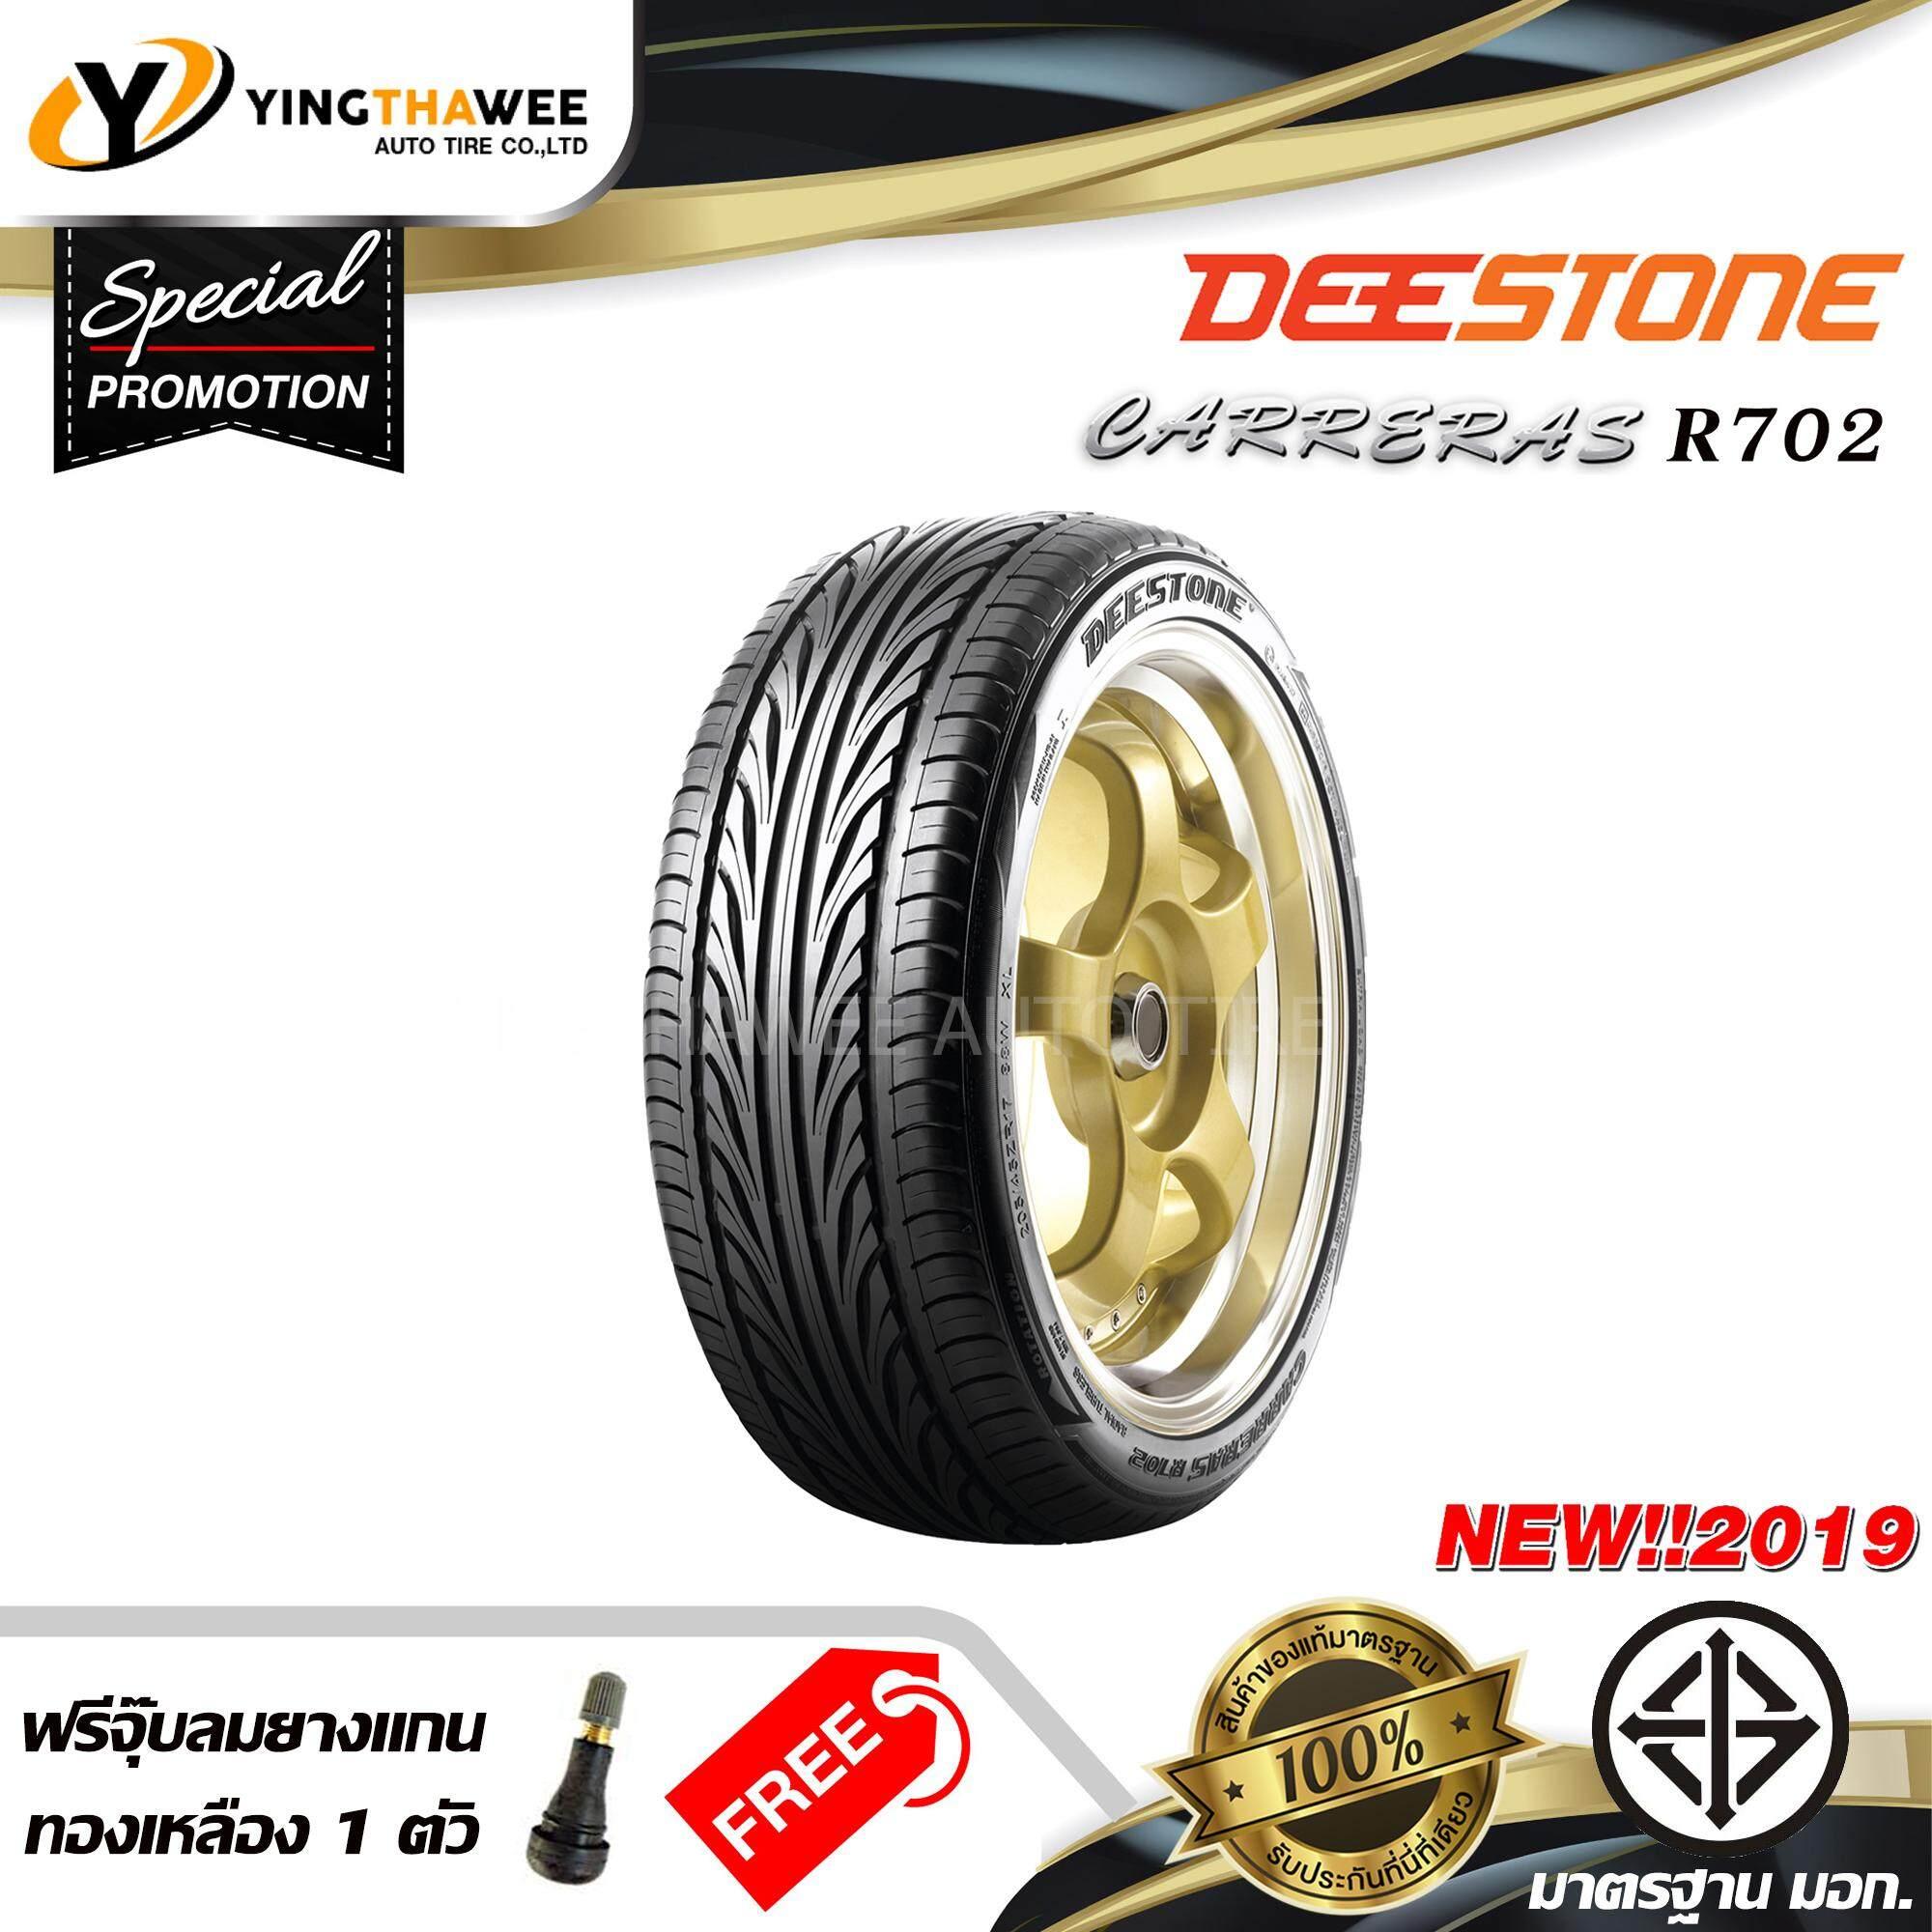 ประกันภัย รถยนต์ ชั้น 3 ราคา ถูก สุโขทัย DEESTONE ยางรถยนต์ 245/35R20 รุ่น Carreras R702  1 เส้น (ปี 2019) แถมจุ๊บลมยางแกนทองเหลือง 1 ตัว